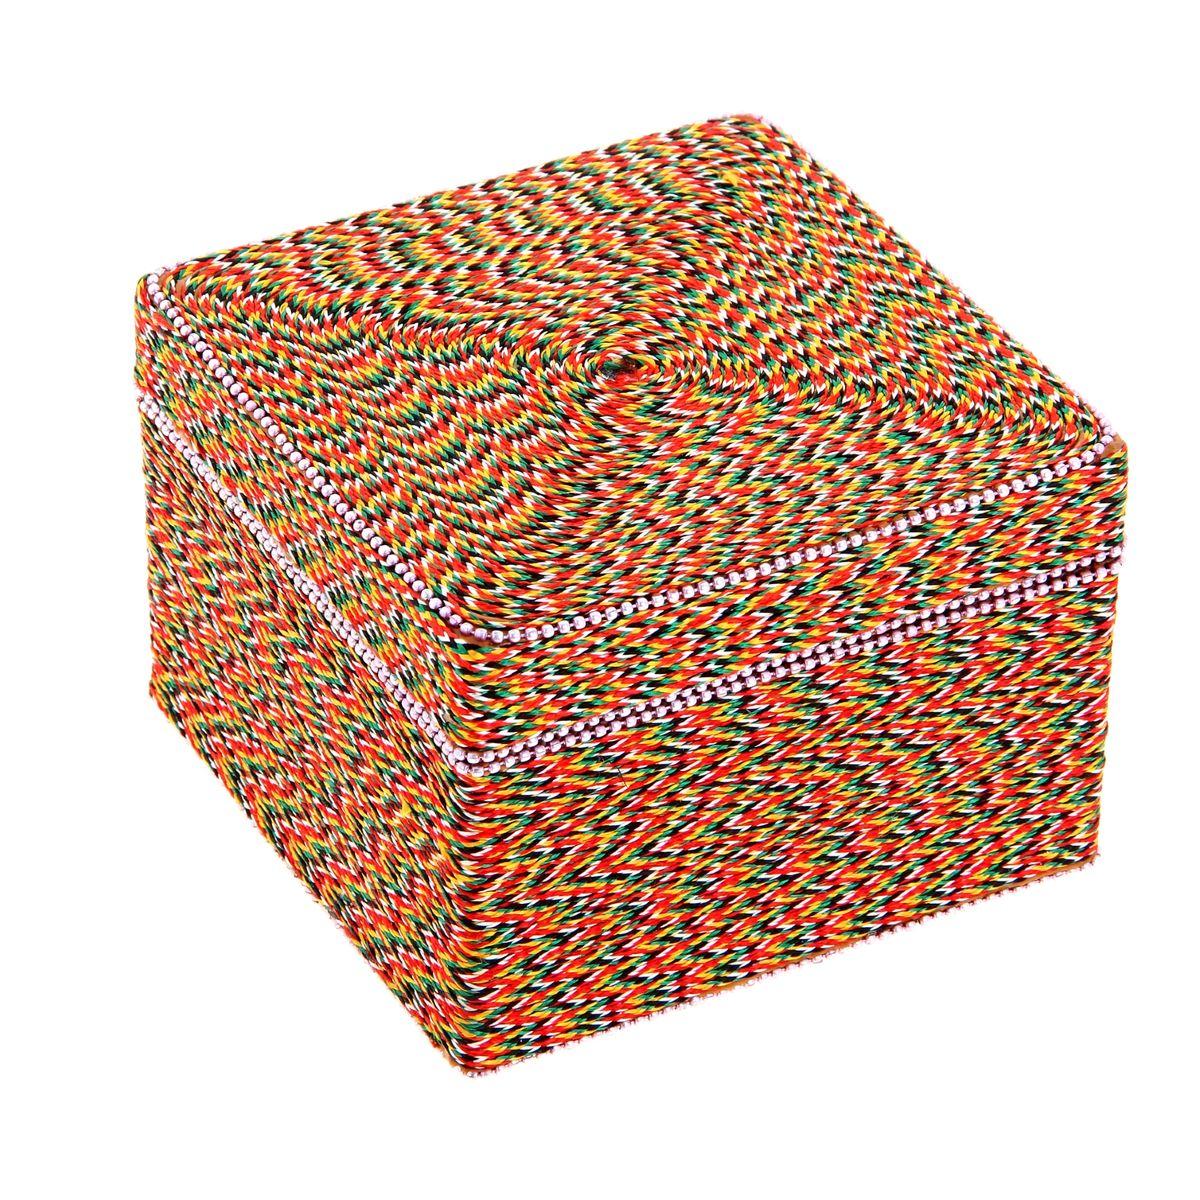 Шкатулка Sima-land Тесьма, 13 см х 13 см х 9,3 см877475Шкатулка Sima-land Тесьма выполнена из высококачественного МДФ. Снаружи шкатулка декорирована разноцветным шнурком. Внутри одно большое отделение. Разве может истинная ценительница украшений остаться равнодушной при виде такой эффектной шкатулки? Ее сразу хочется наполнить различными аксессуарами, ювелирными украшениями и красивой бижутерией. Тогда вперед, заполните до краев эту индийскую вещицу!